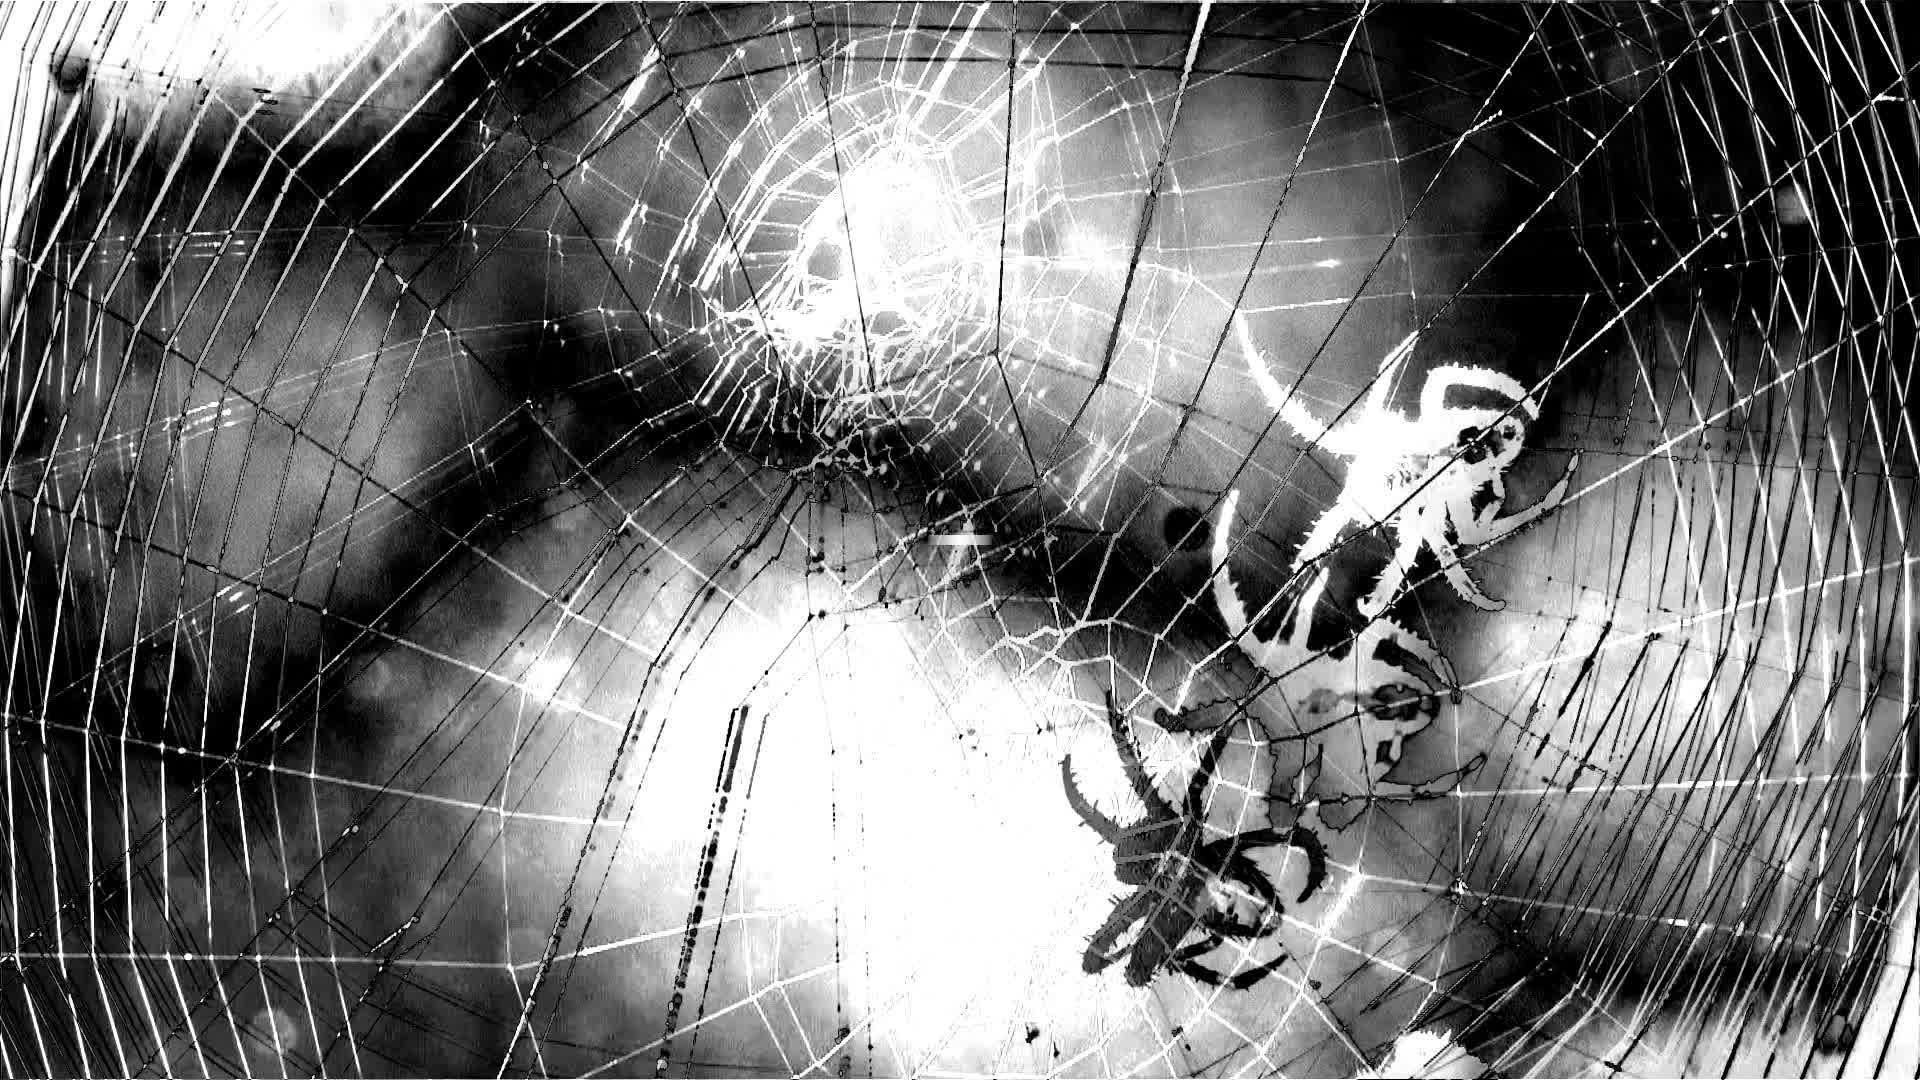 Si las arañas te asustan, este nuevo estudio podría hacerte instar a la acción climática. Los investigadores encontraron una consecuencia aterradora de los ciclones tropicales intensificados por el cambio climático.